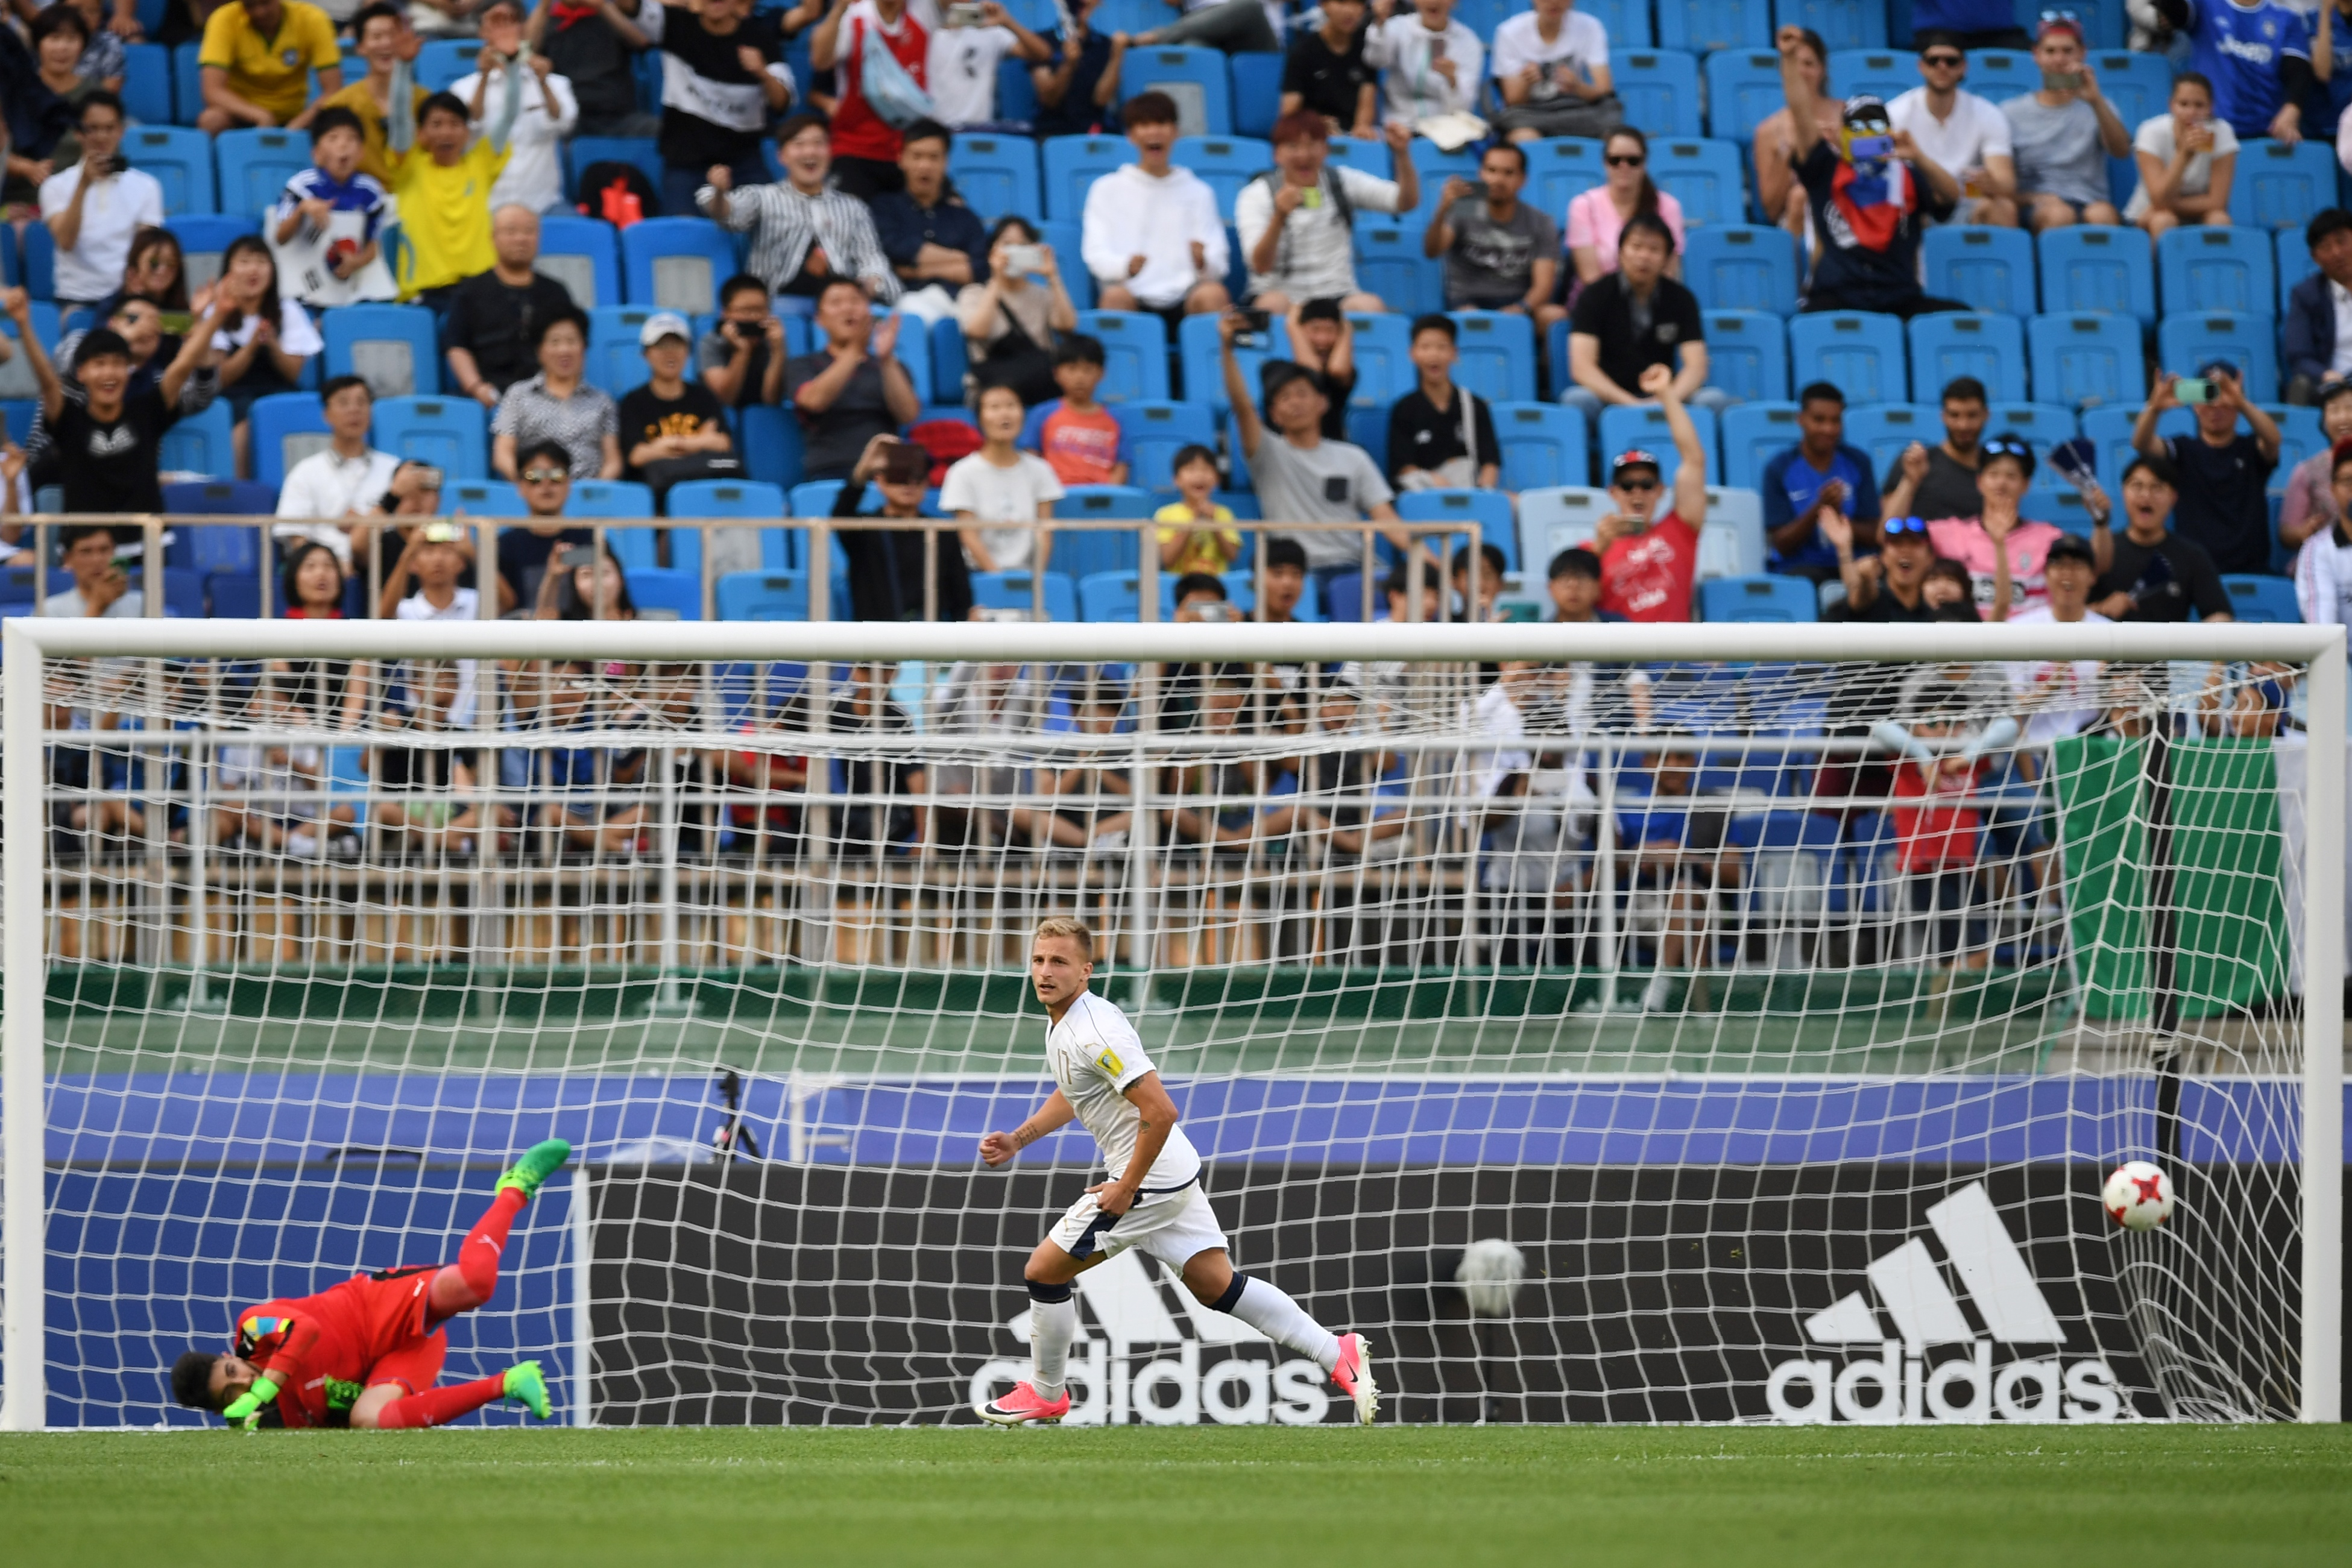 L'Italia festeggia il terzo posto nel Mondiale Under 20. Gli Azzurrini di Evani superano l'Uruguay ai calci di rigore nella finale per il terzo ed il quarto posto a Suwon, in Corea del Sud. Dopo lo 0-0 nei tempi regolamentari, si passa subito ai tiri dal dischetto dove Plizzari neutralizza i tentativi di Amaral e Boselli. Sono perfetti, invece, Vido, Marchizza, Mandragora e Panico che consegnano all'Italia il suo miglior risultato di sempre.